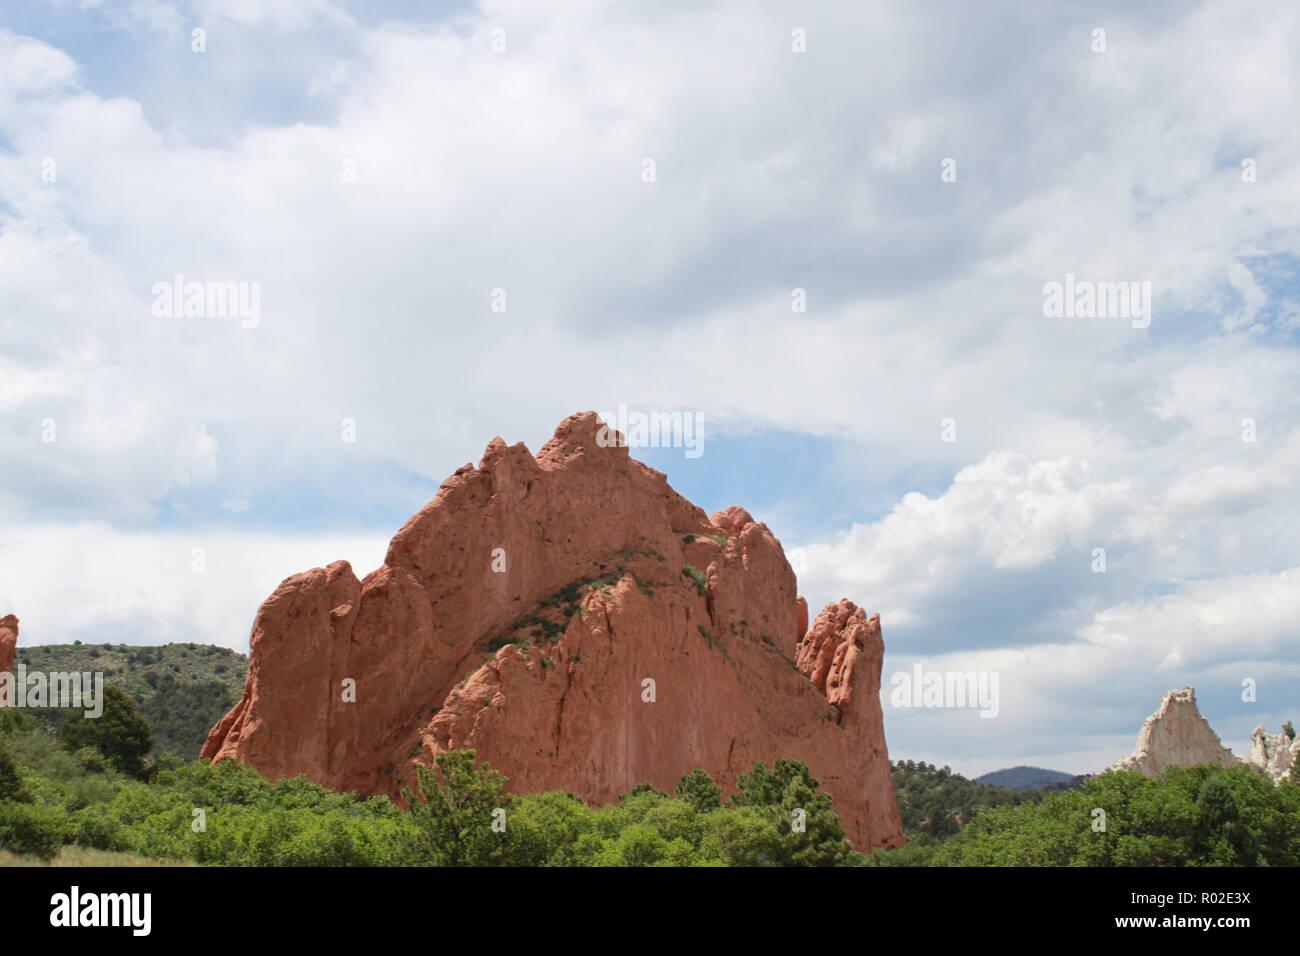 Garden of the Gods, Colorado Springs, Colorado - Stock Image